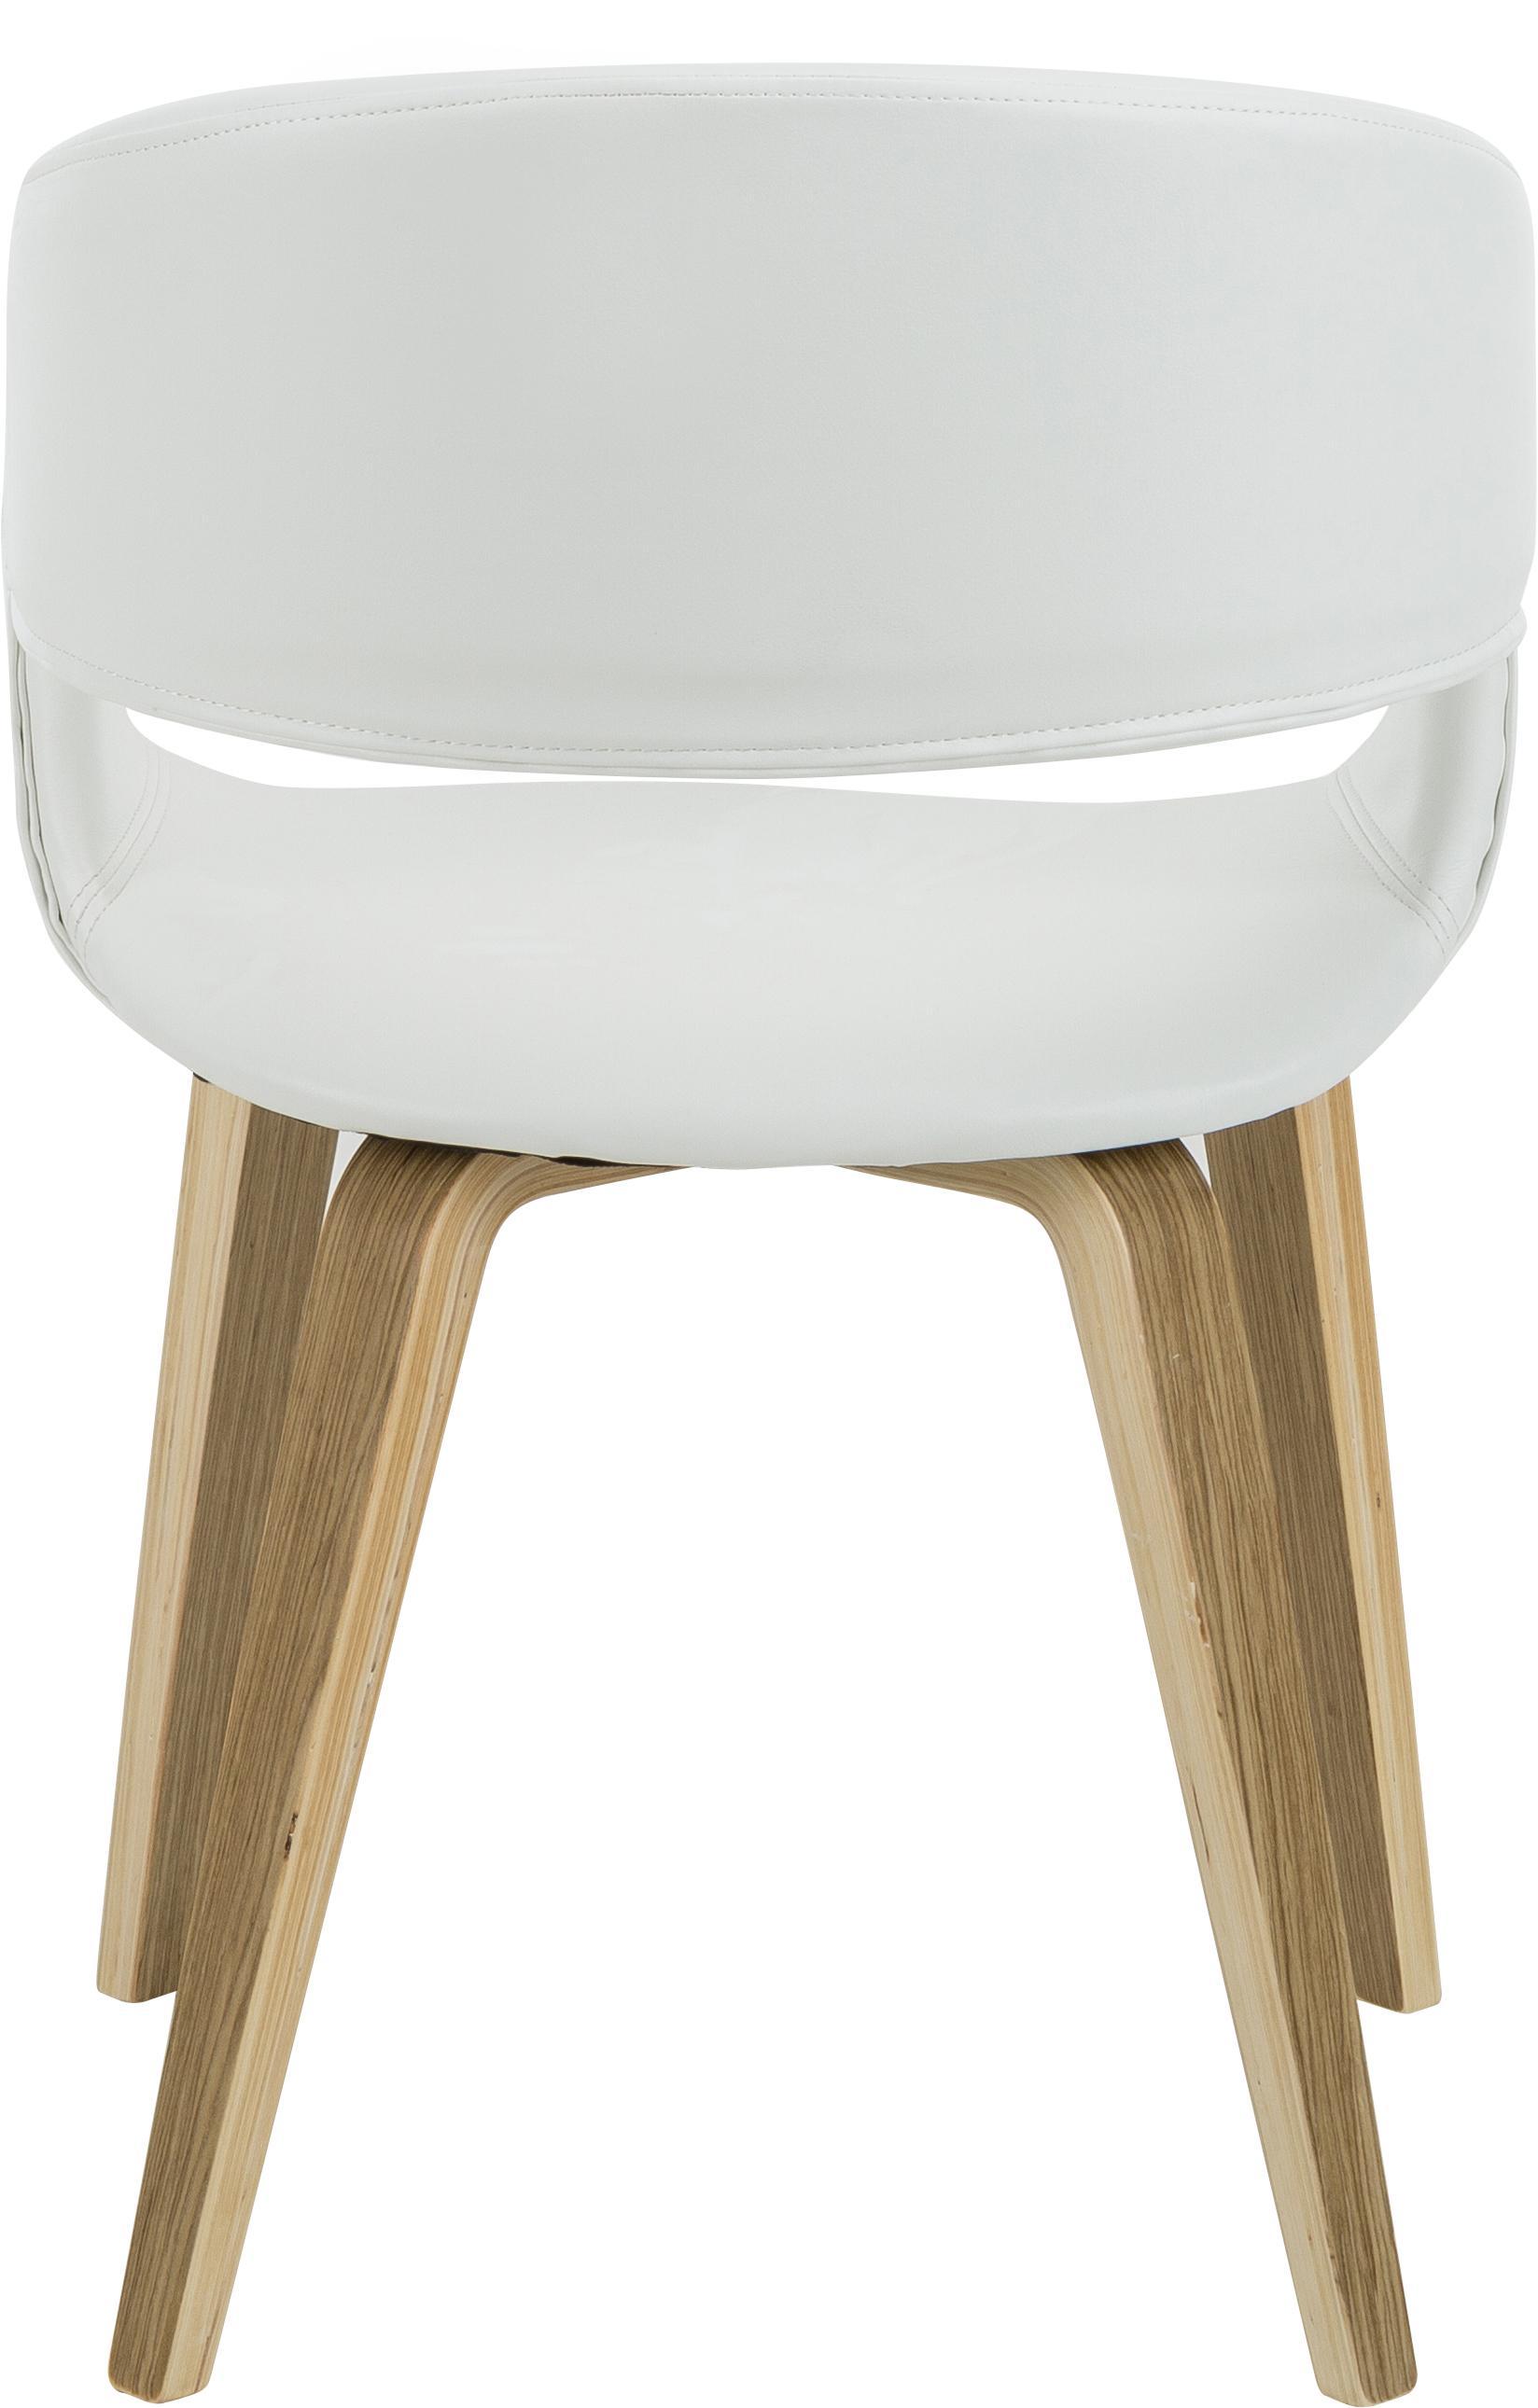 Kunstleder-Armlehnstühle Nova, 2 Stück, Beine: Eichenschichtholz, weiß g, Bezug: Kunstleder (Polyurethan), Weiß, Eiche, B 50 x T 55 cm